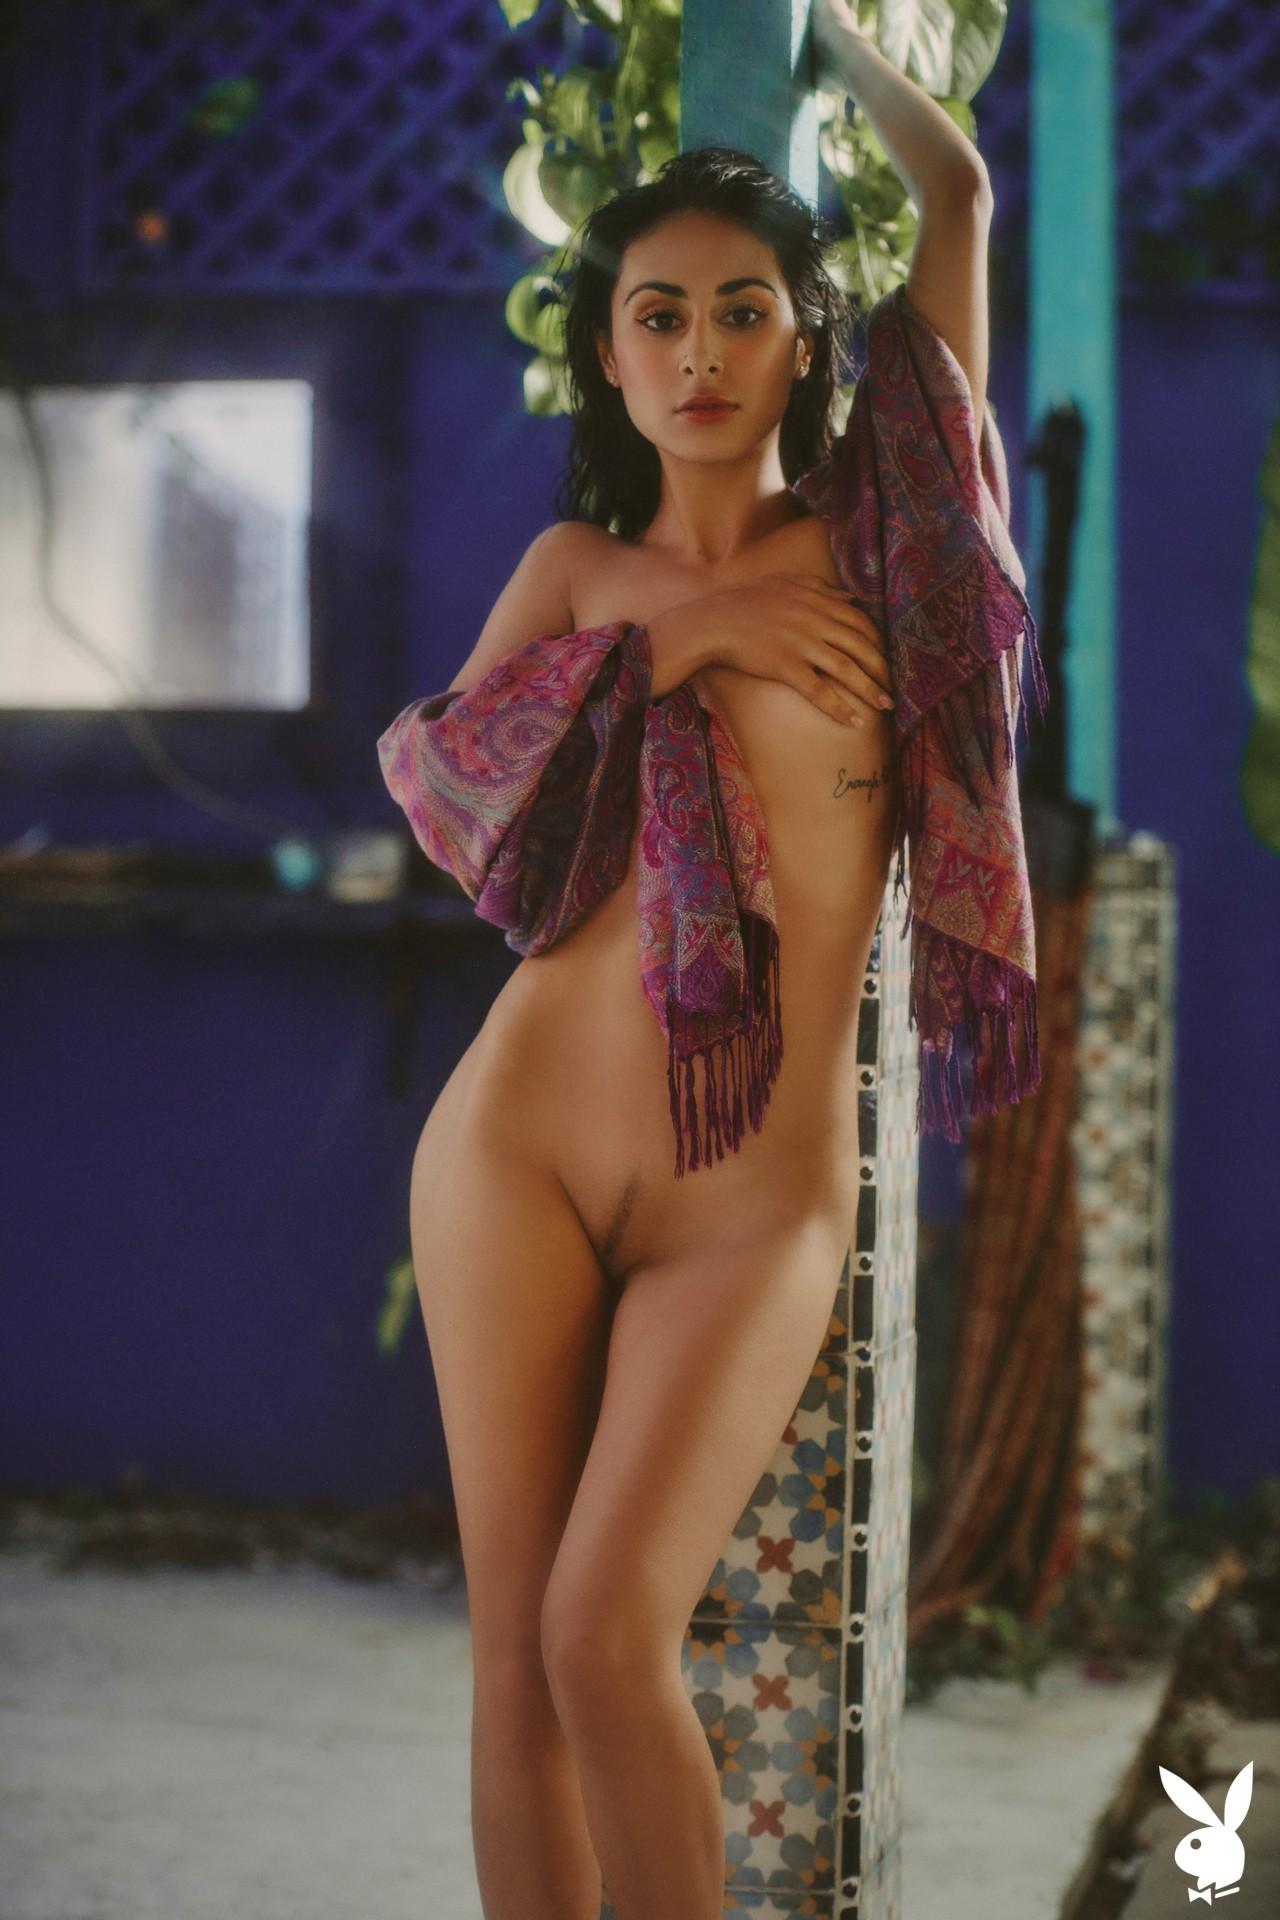 Leighla Habib In Hidden Location Playboy Plus (20)